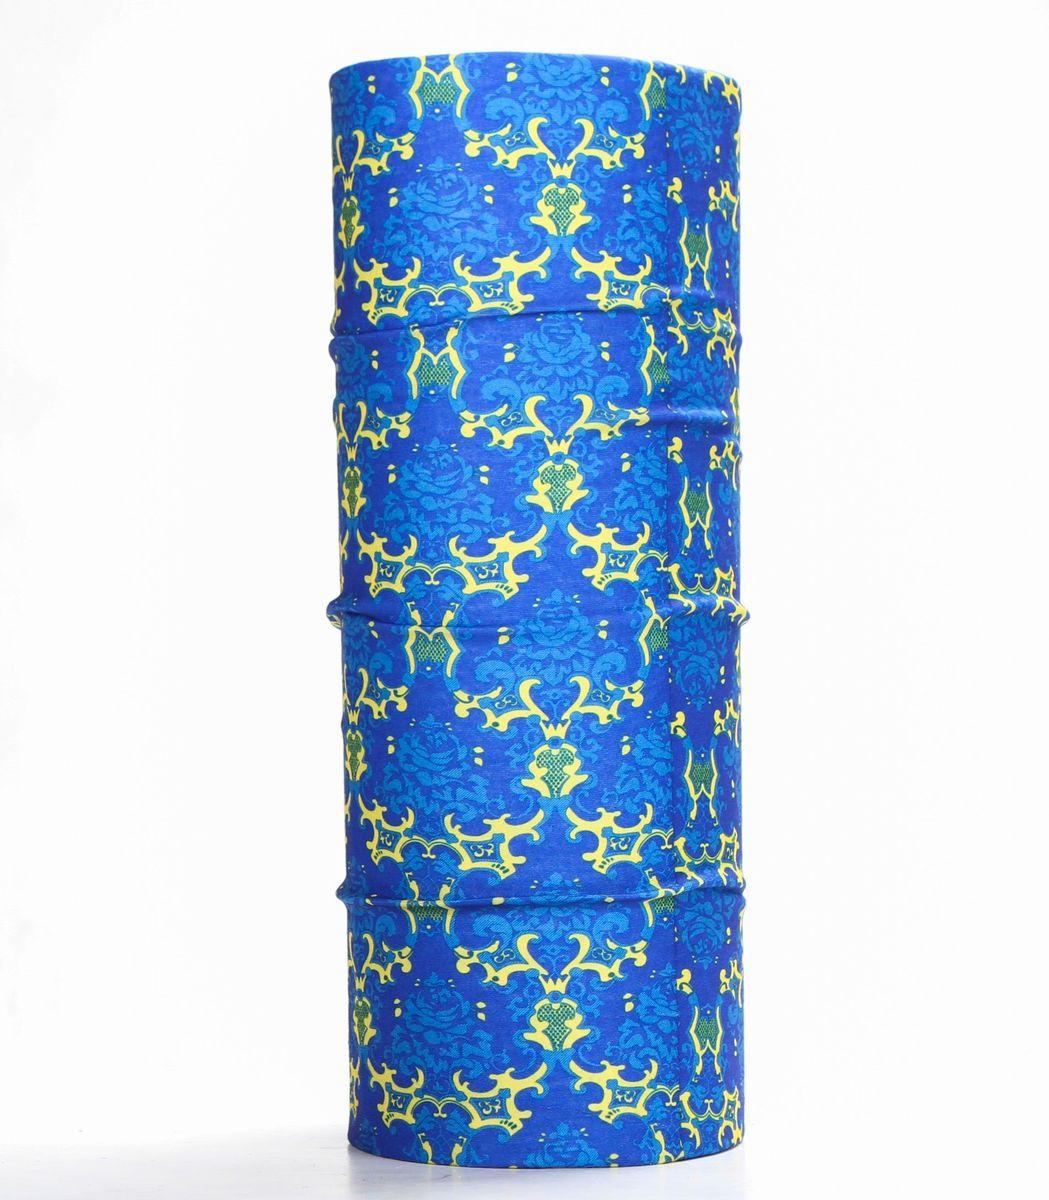 Шарф15-29Мультишарфы можно встретить под разными названиями: мультишарф, мультибандана, платок трансформер, Baff, но вне зависимости от того как Вы назовете этот аксессуар, его уникальные возможности останутся неизменными. Вы с легкостью и удобством можете одеть этот мультишарф на голову и шею 12 различными способами. В сильные морозы, пронизывающий ветер или пыльную бурю - с мультишарфом Вы будуте готовы к любым капризам природы Авторская работа.